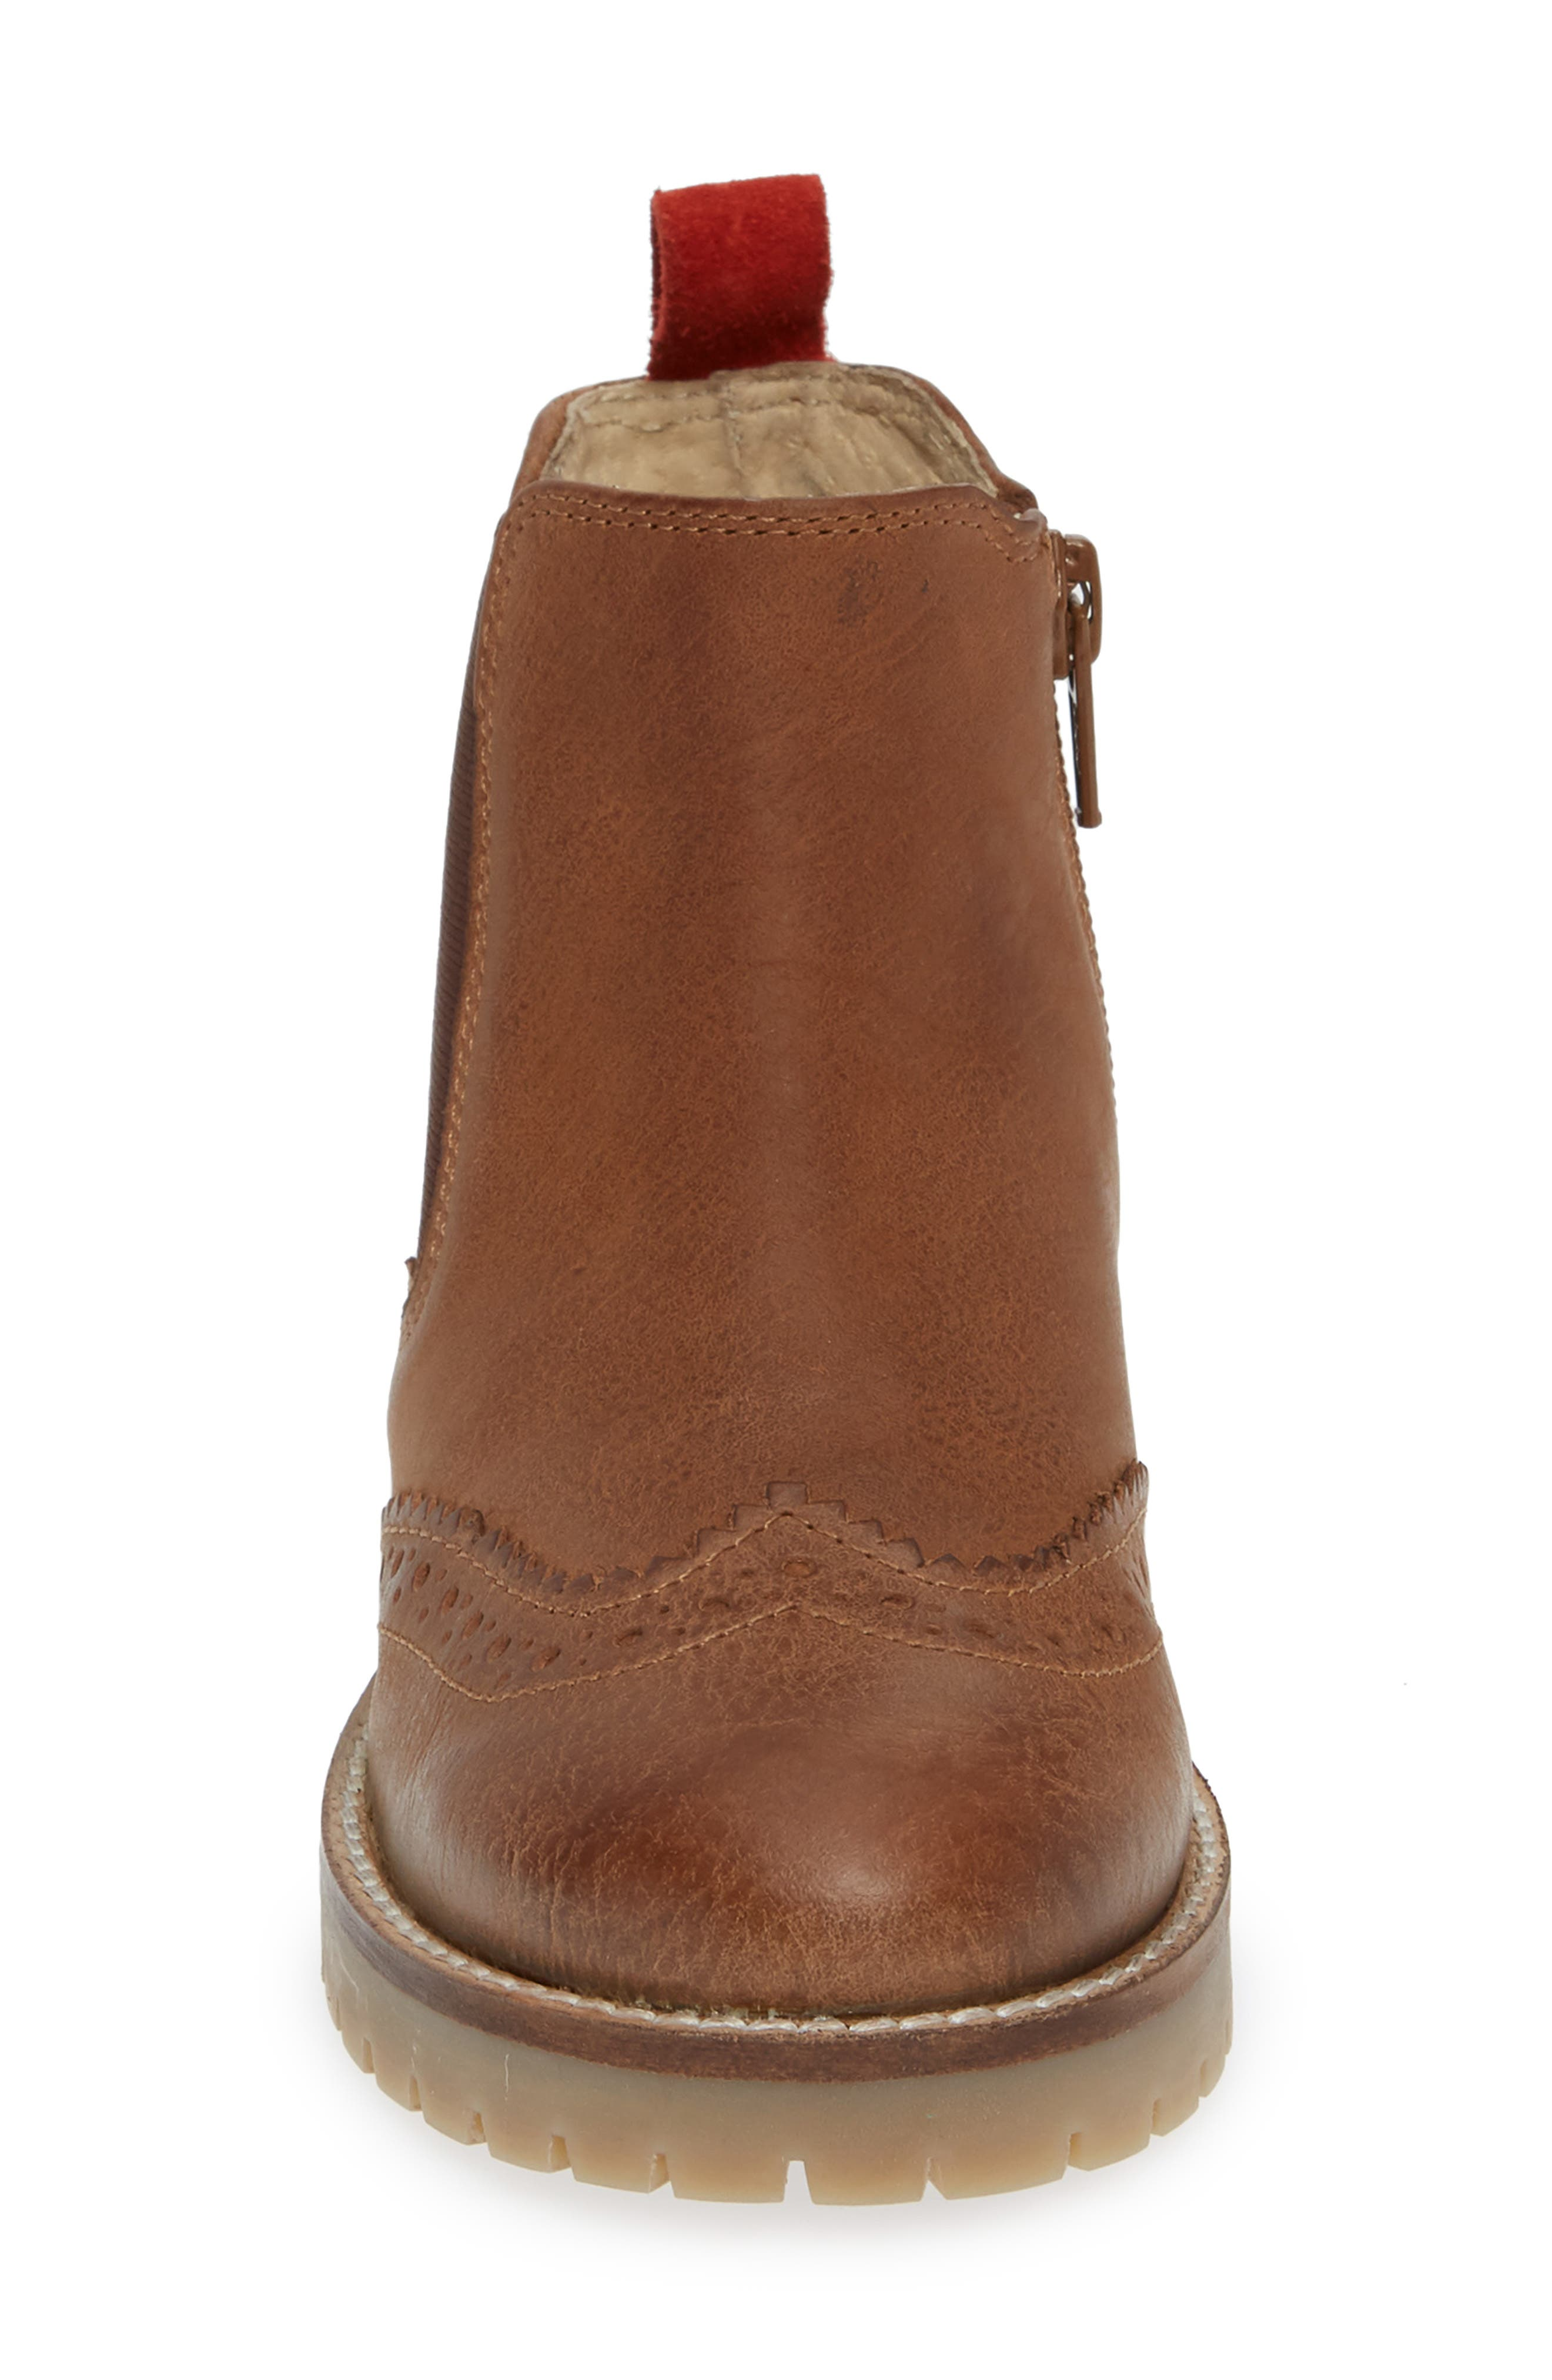 Mini Boden Chelsea Boot,                             Alternate thumbnail 4, color,                             TAN